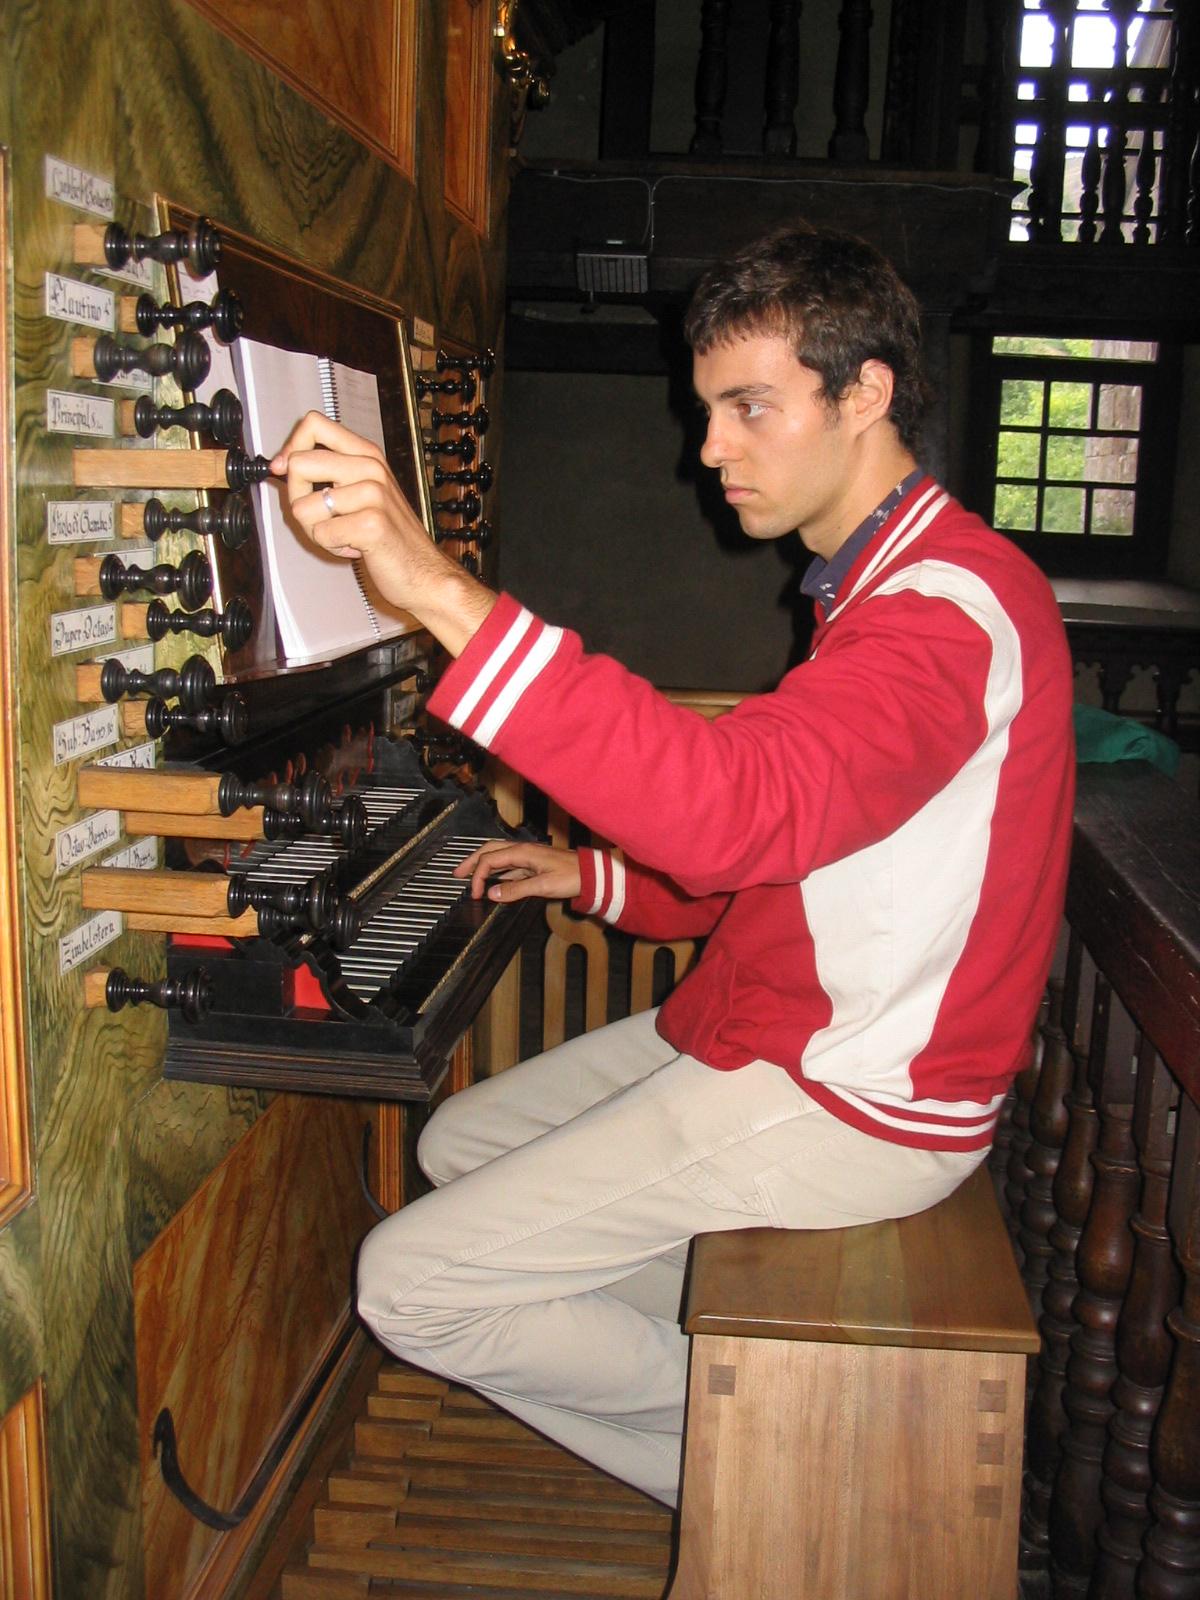 Instrumentos musicales: El órgano de tubos